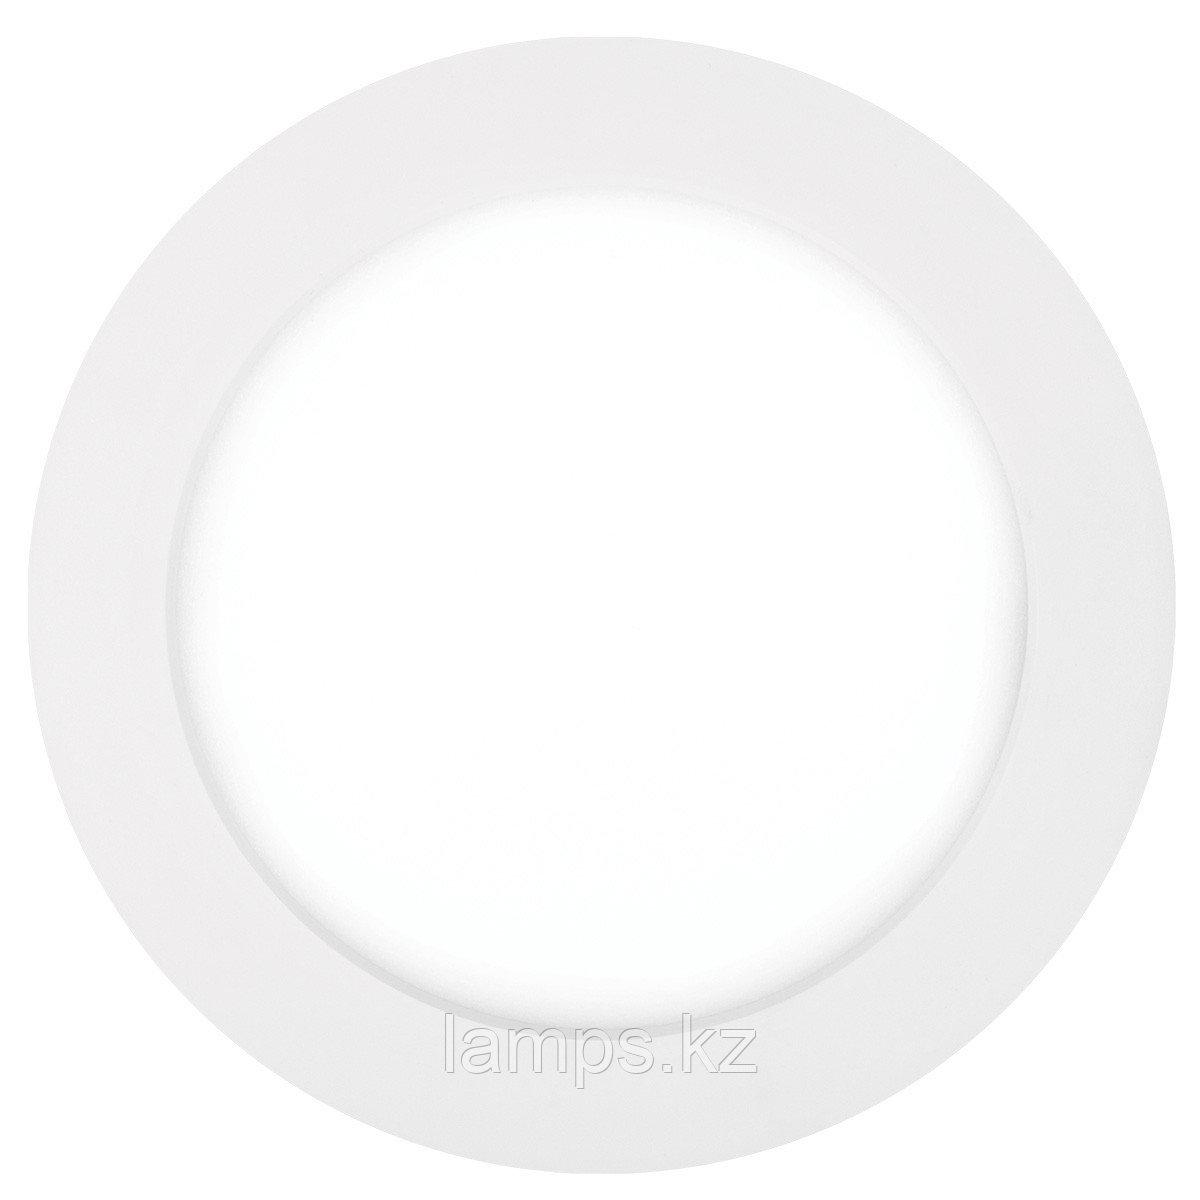 Панель светодиодная, круглая PL LED ROUND PANEL 12W 6000K